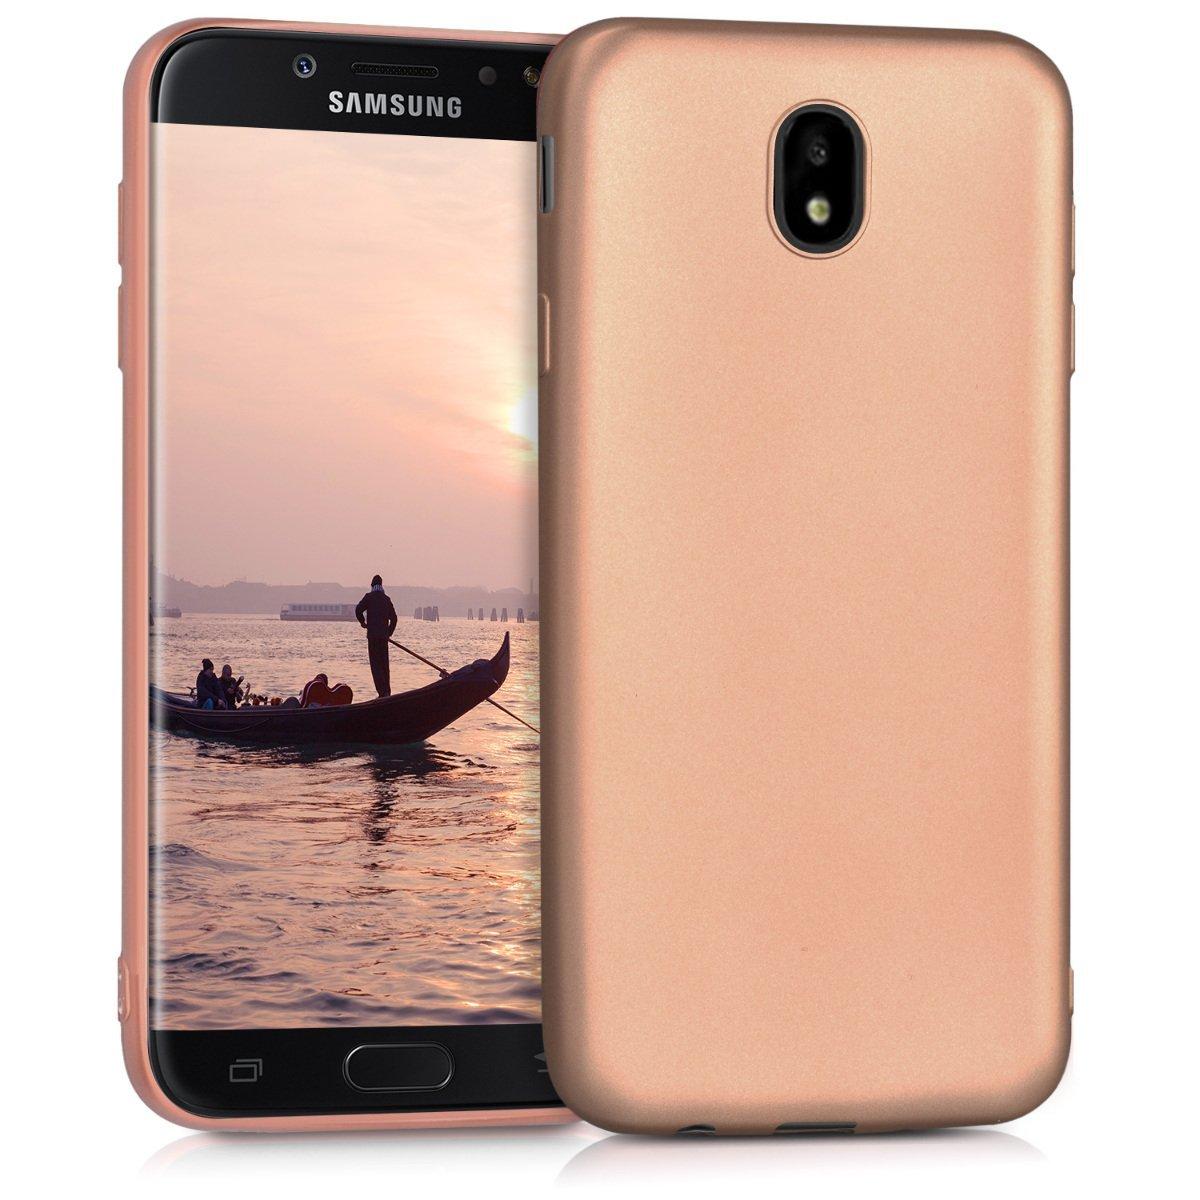 KW Θήκη Σιλικόνης Samsung Galaxy J7 2017 (Version J730F) - Metallic Rosegold (42289.31)